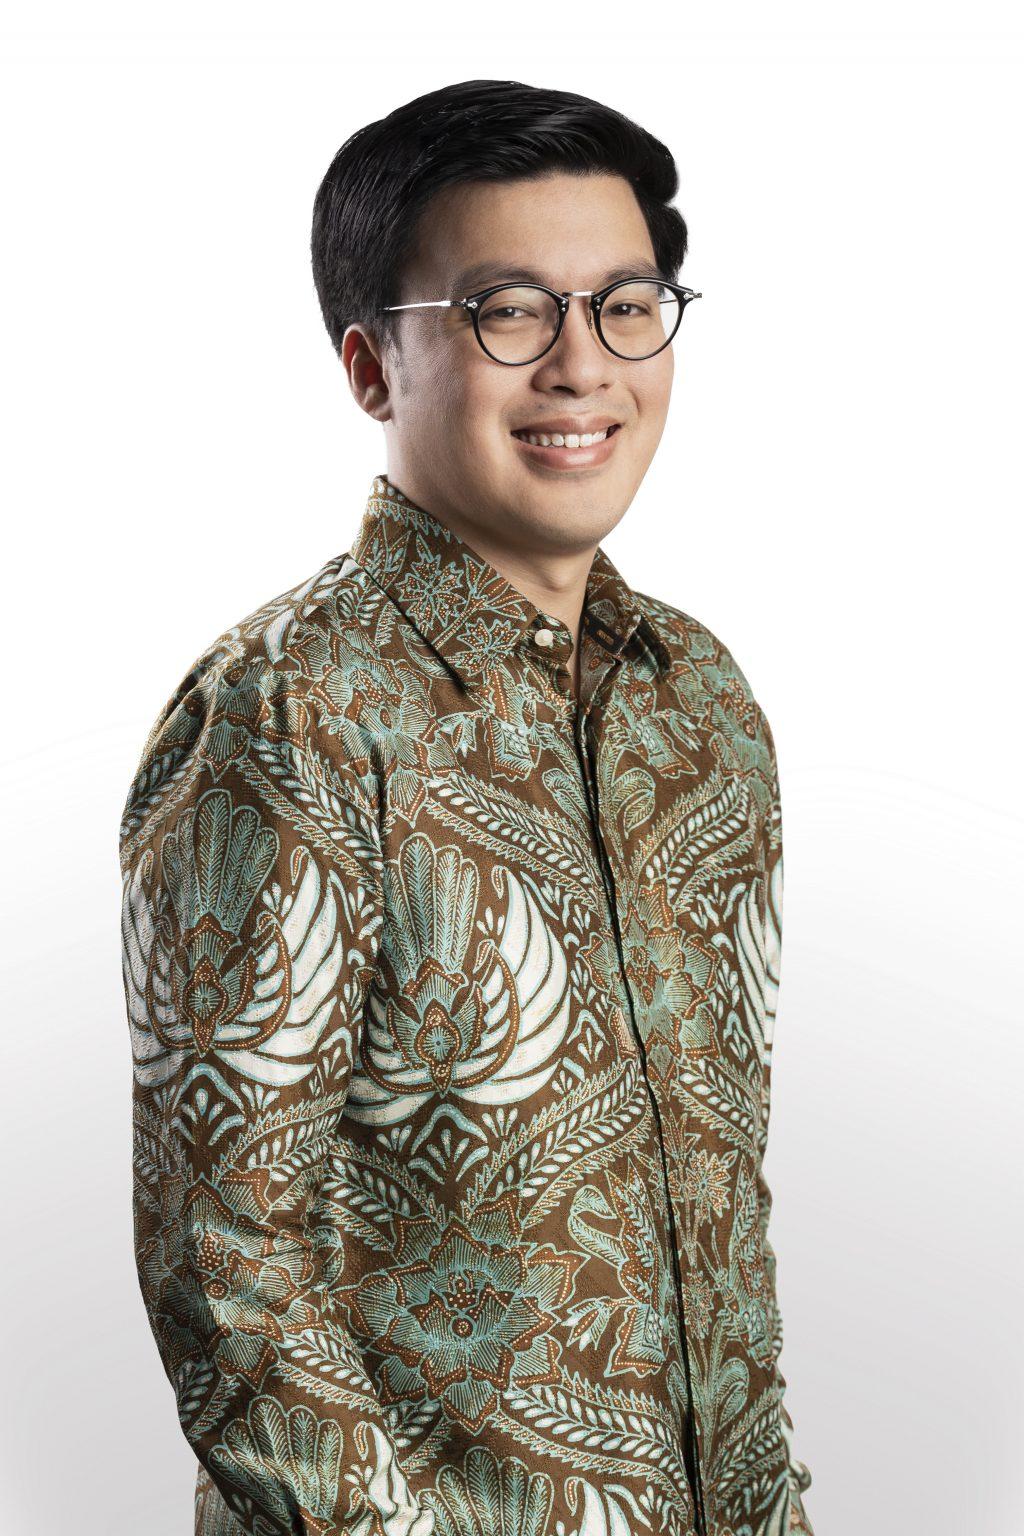 Sekarang adalah masa keemasan bagi startup di Asia Tenggara, kata pendiri GoTo